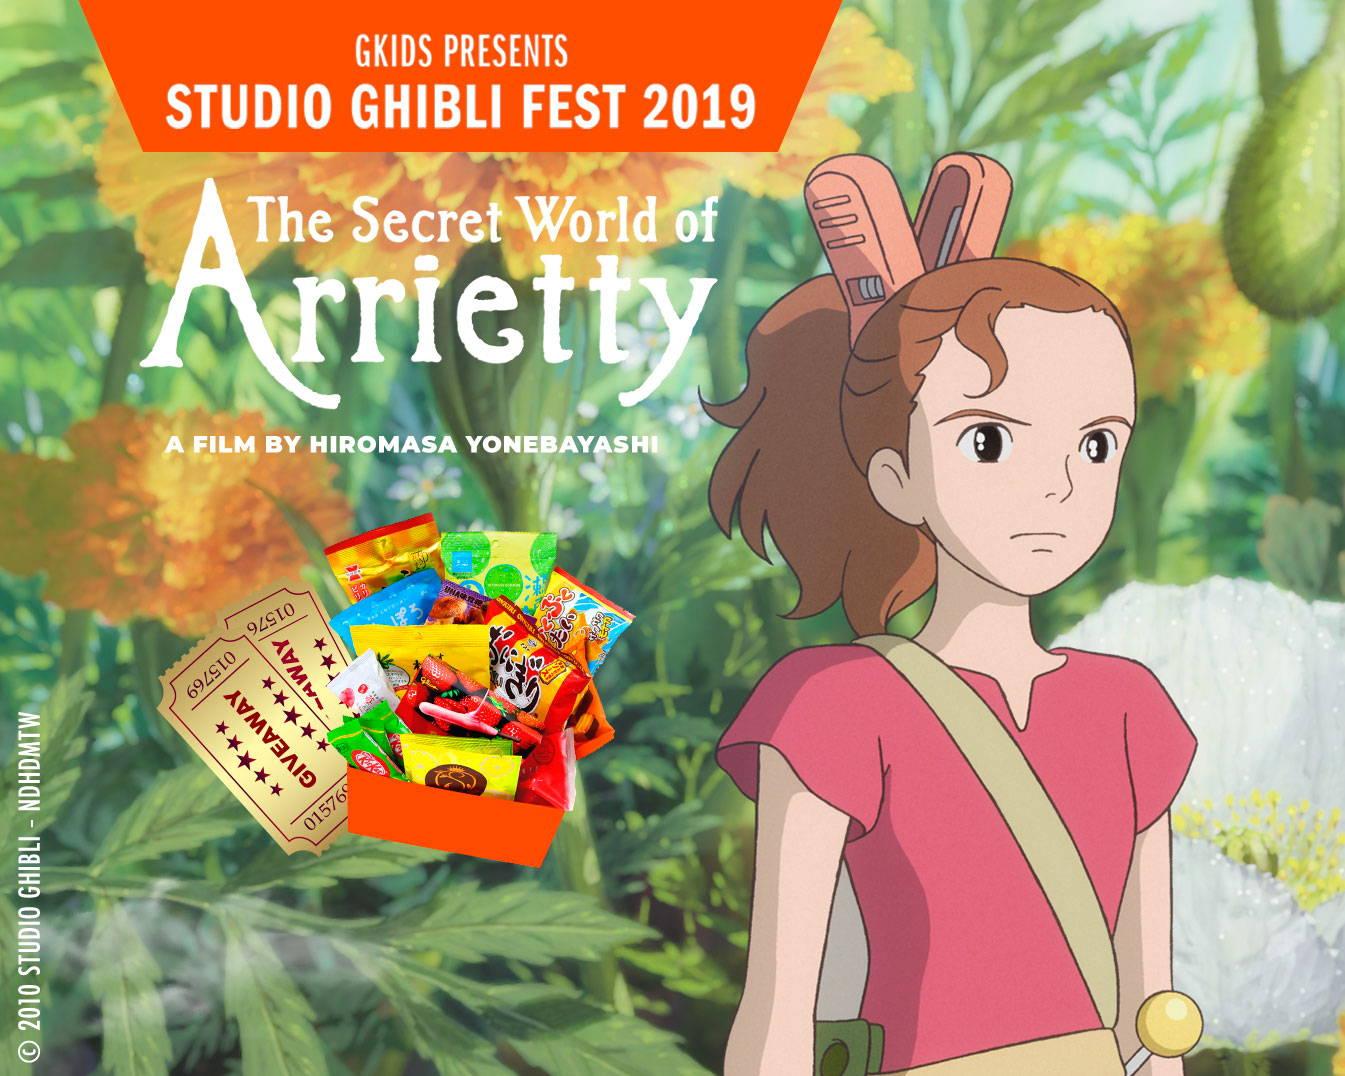 Studio Ghibli Giveaway Arietty